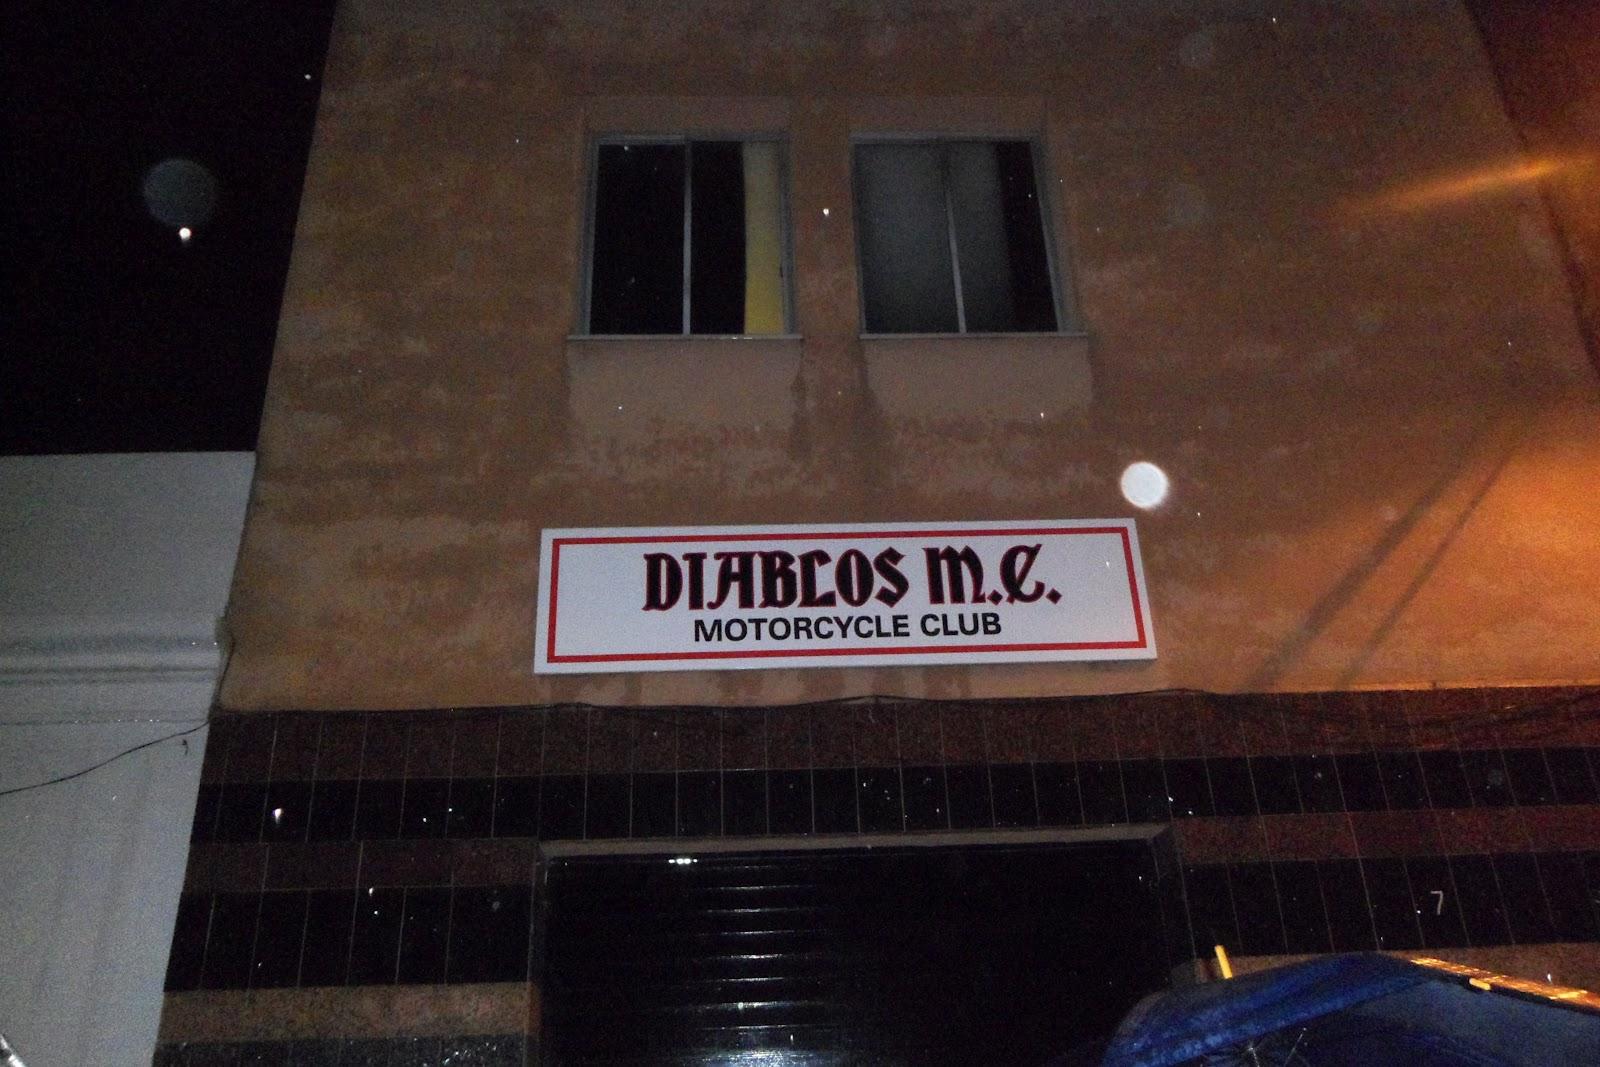 Diablos bikers mexicali - YouTube |Diablos Motorcycle Club Mentone